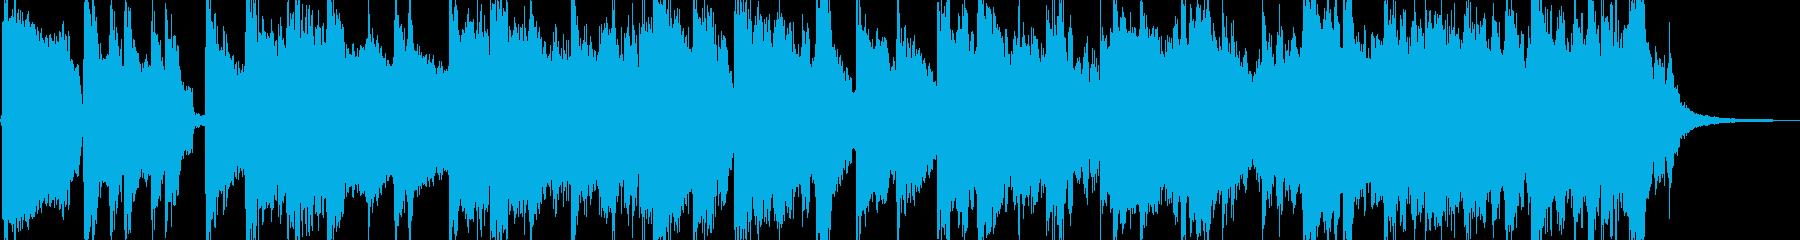 鍵盤メインの気だるいゴスペル風BGMの再生済みの波形